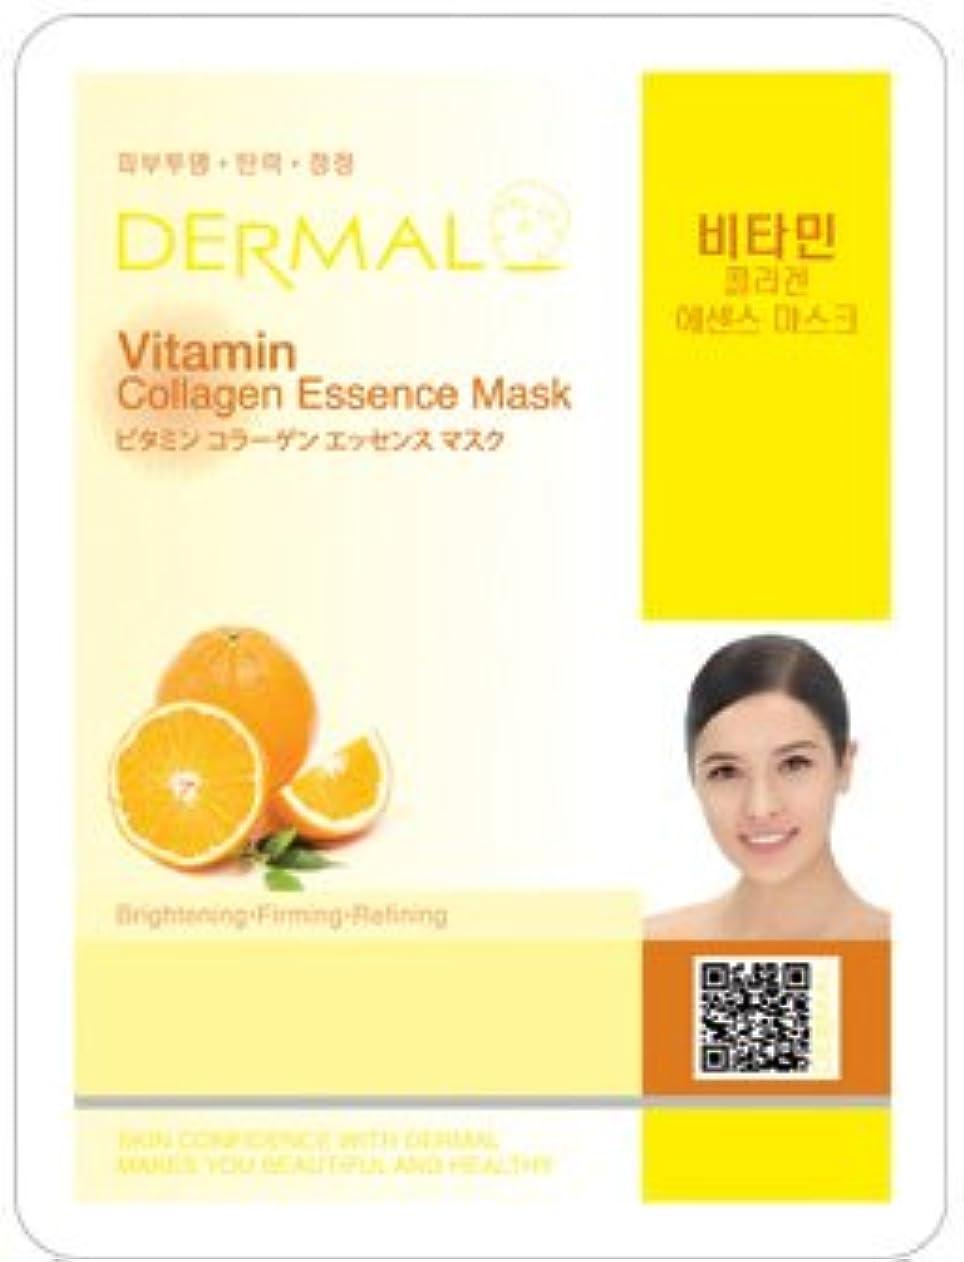 それるアーティファクト預言者Dermal(ダーマル) シートマスク ビタミン 10枚セット